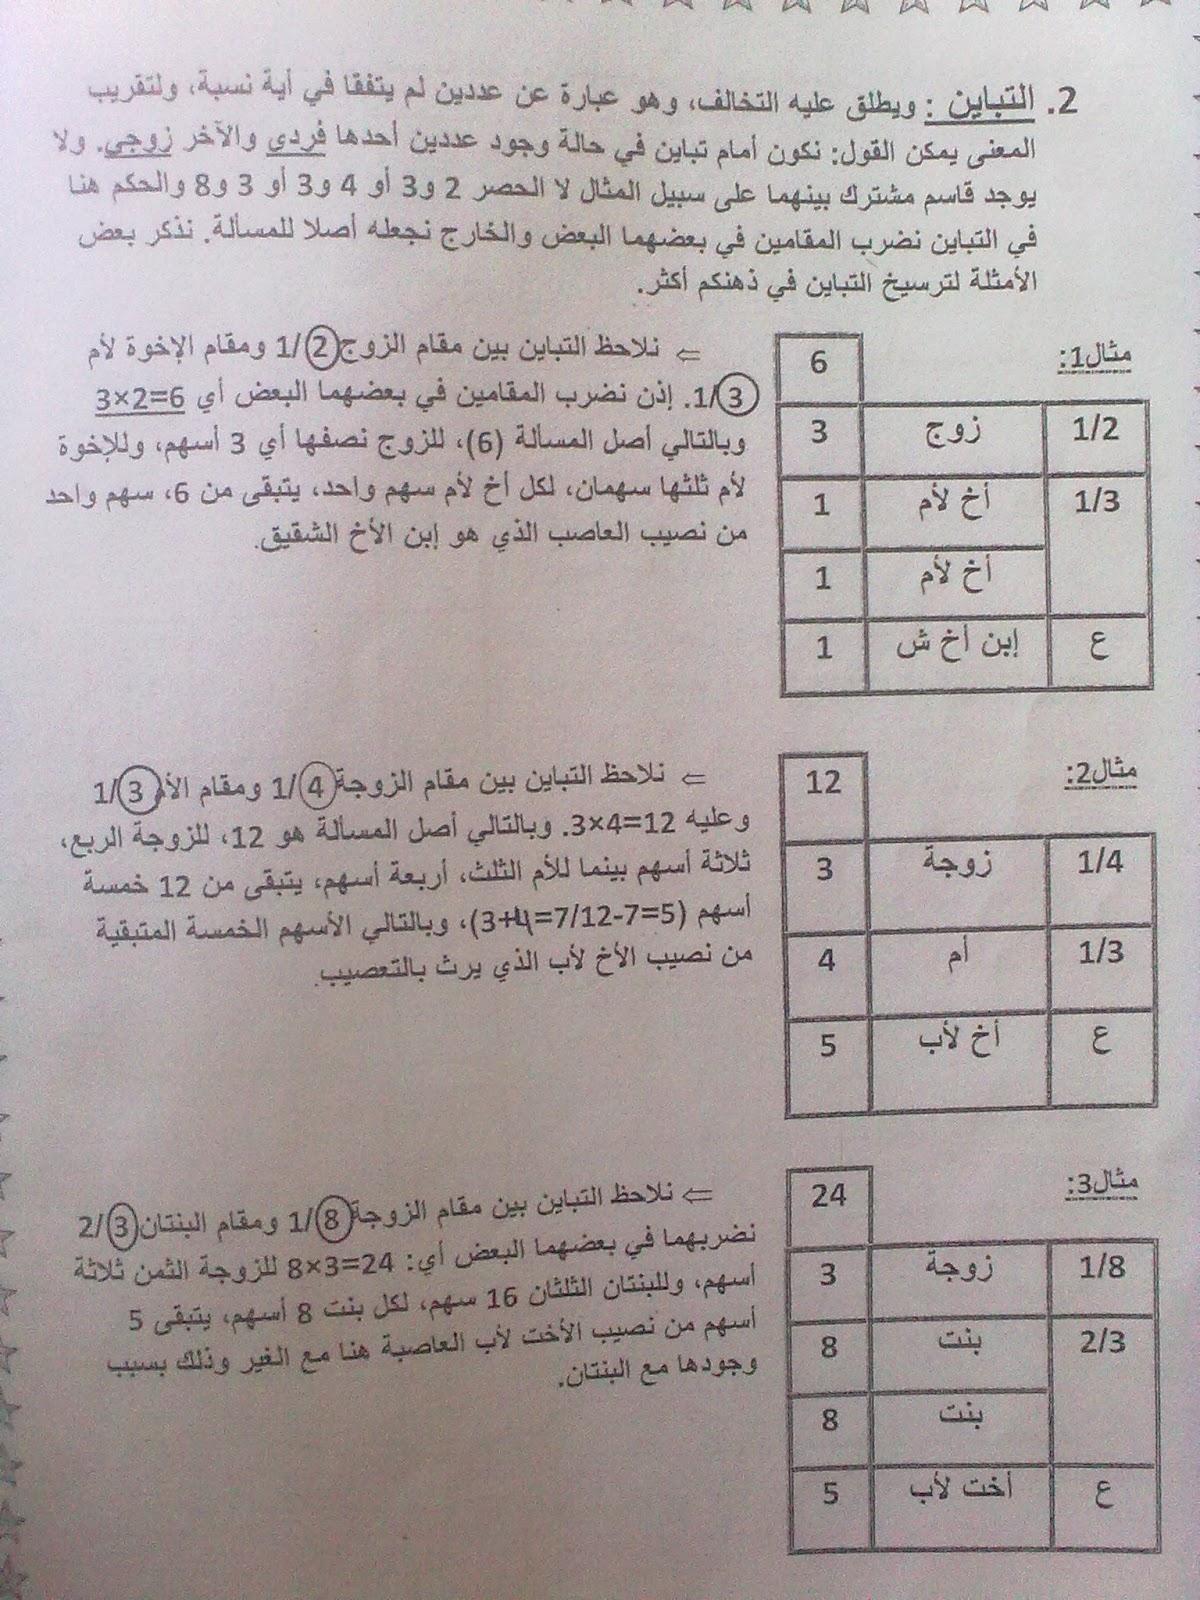 كيفية تأصيل المسألة من خلال المقارنة بين المقامات بالأنظار الأربع